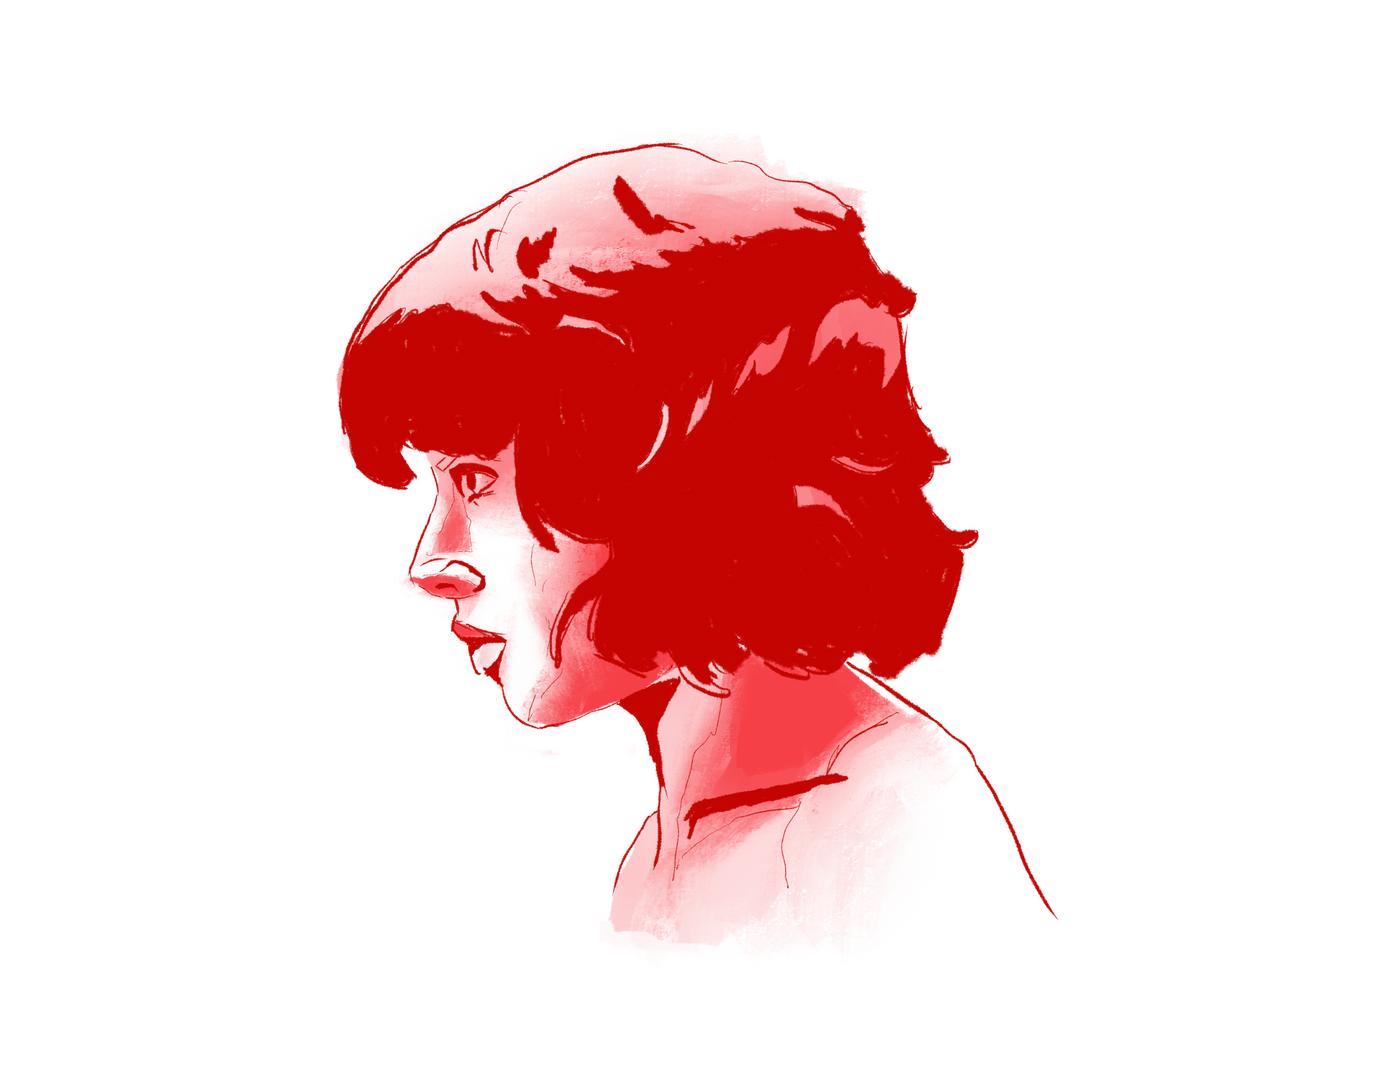 redWoman.png